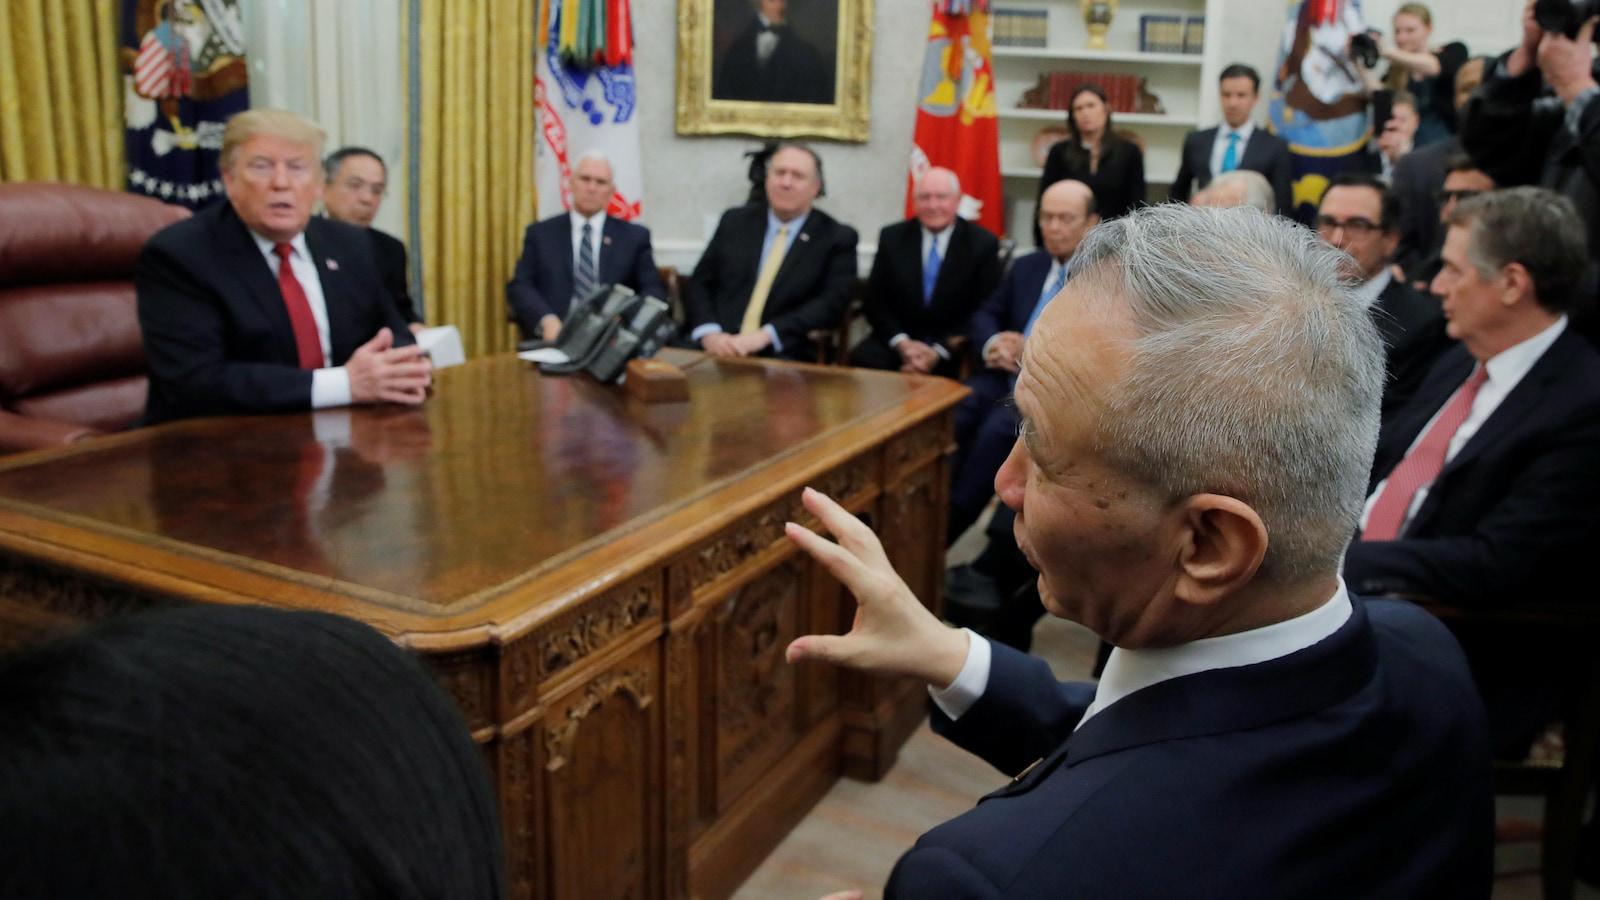 Donald Trump écoute le négociateur en chef de la Chine dans le bureau ovale.